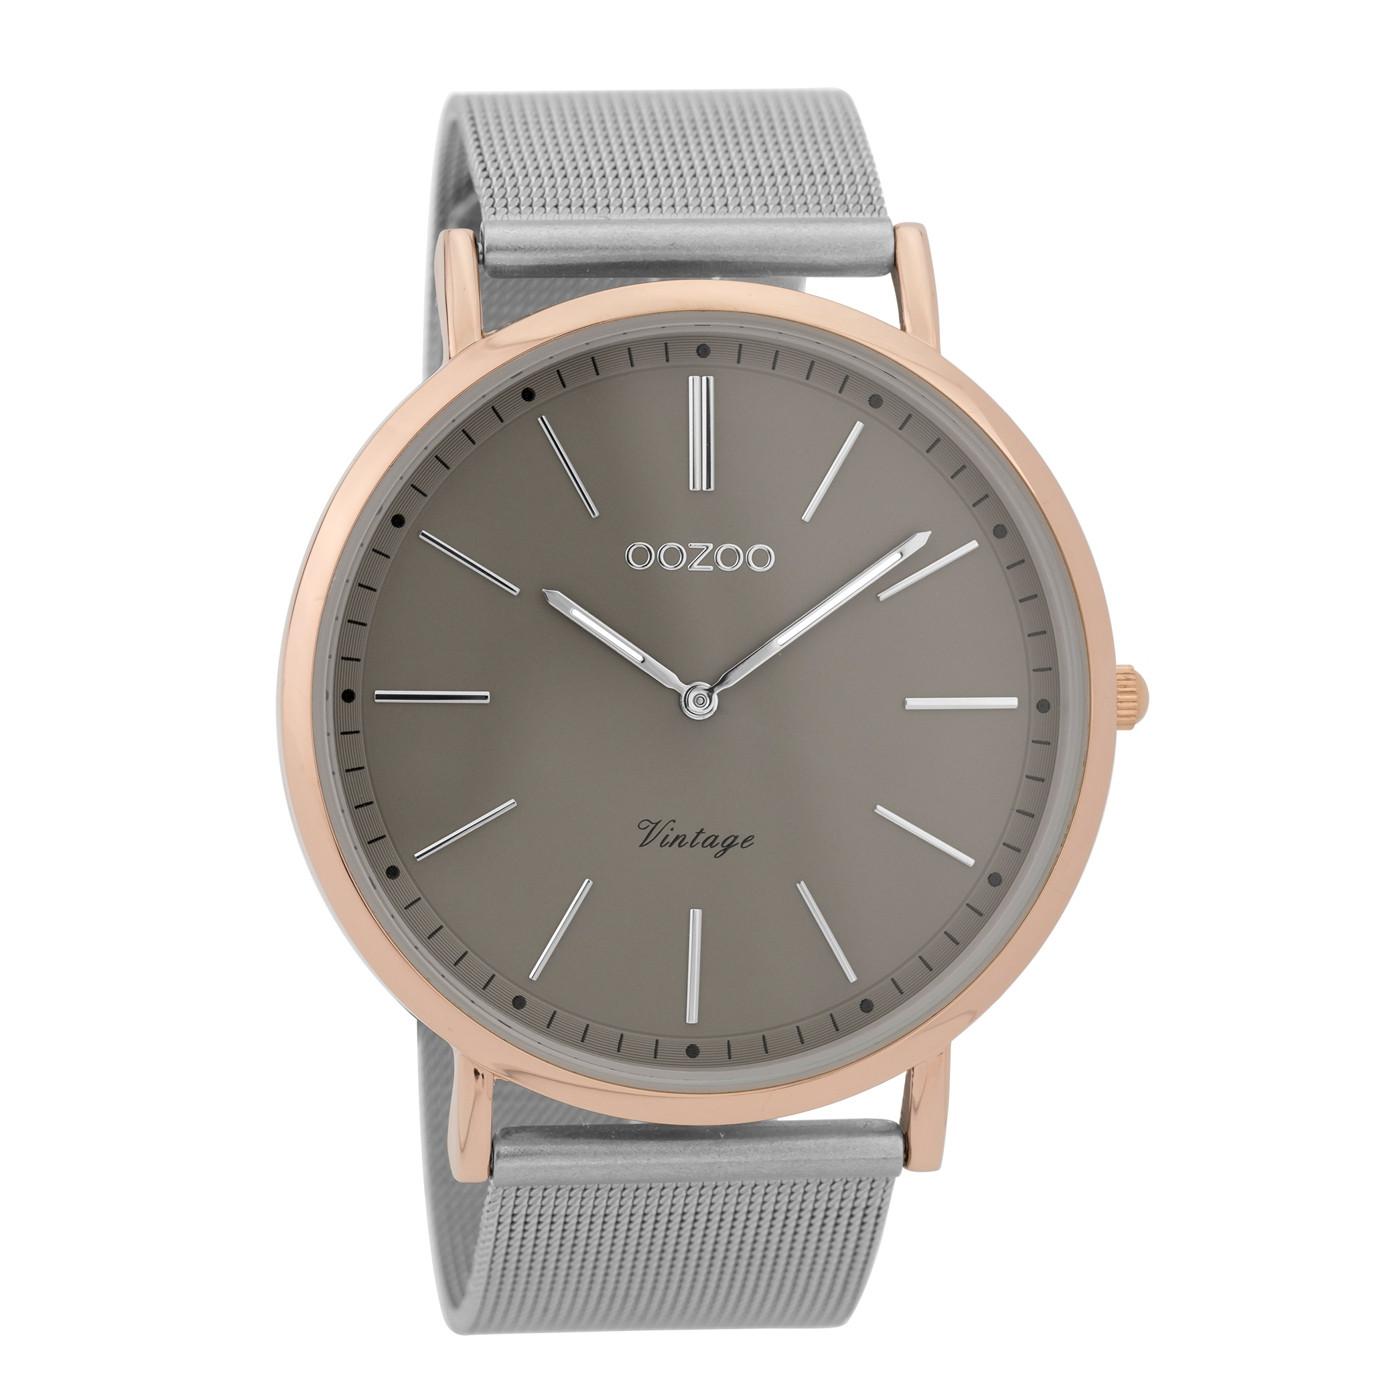 OOZOO Vintage Zilverkleurig/Donkergrijs horloge C9356 (44 mm)